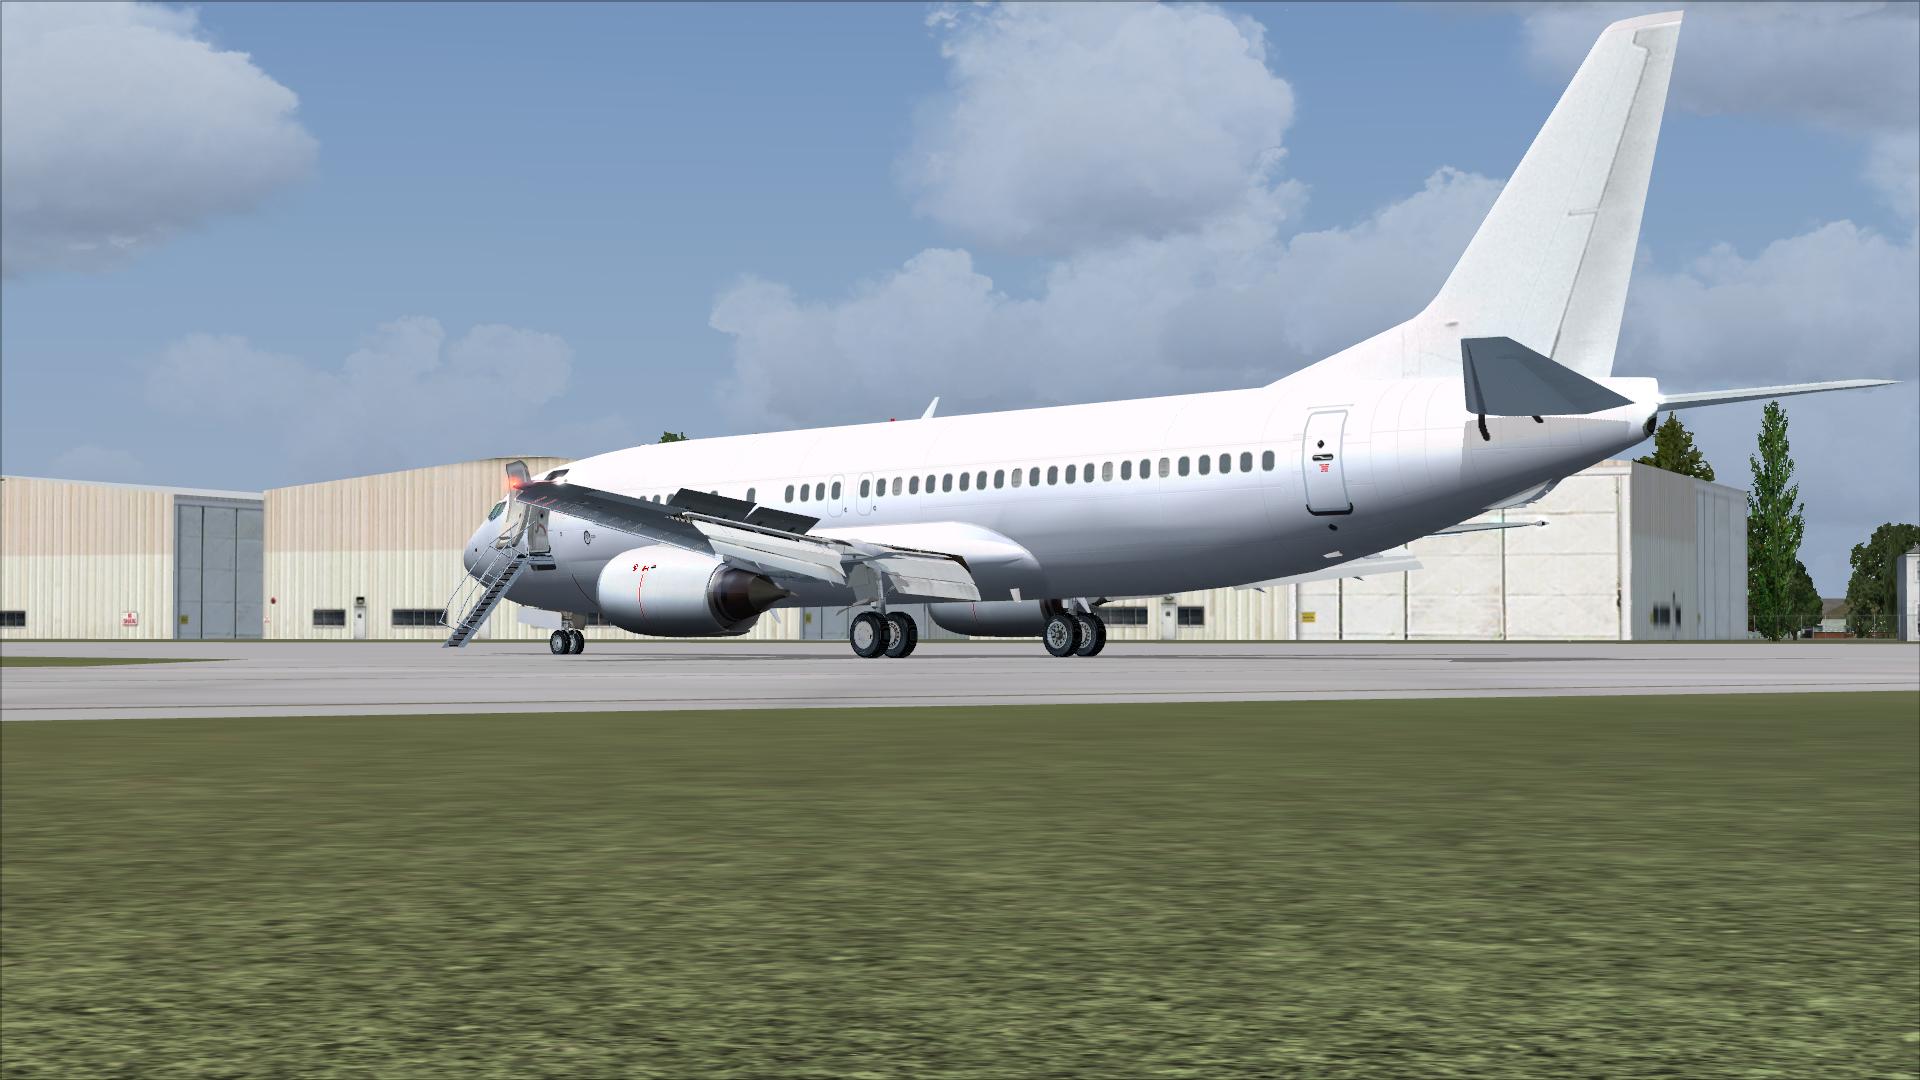 Fsx 737 400 freeware